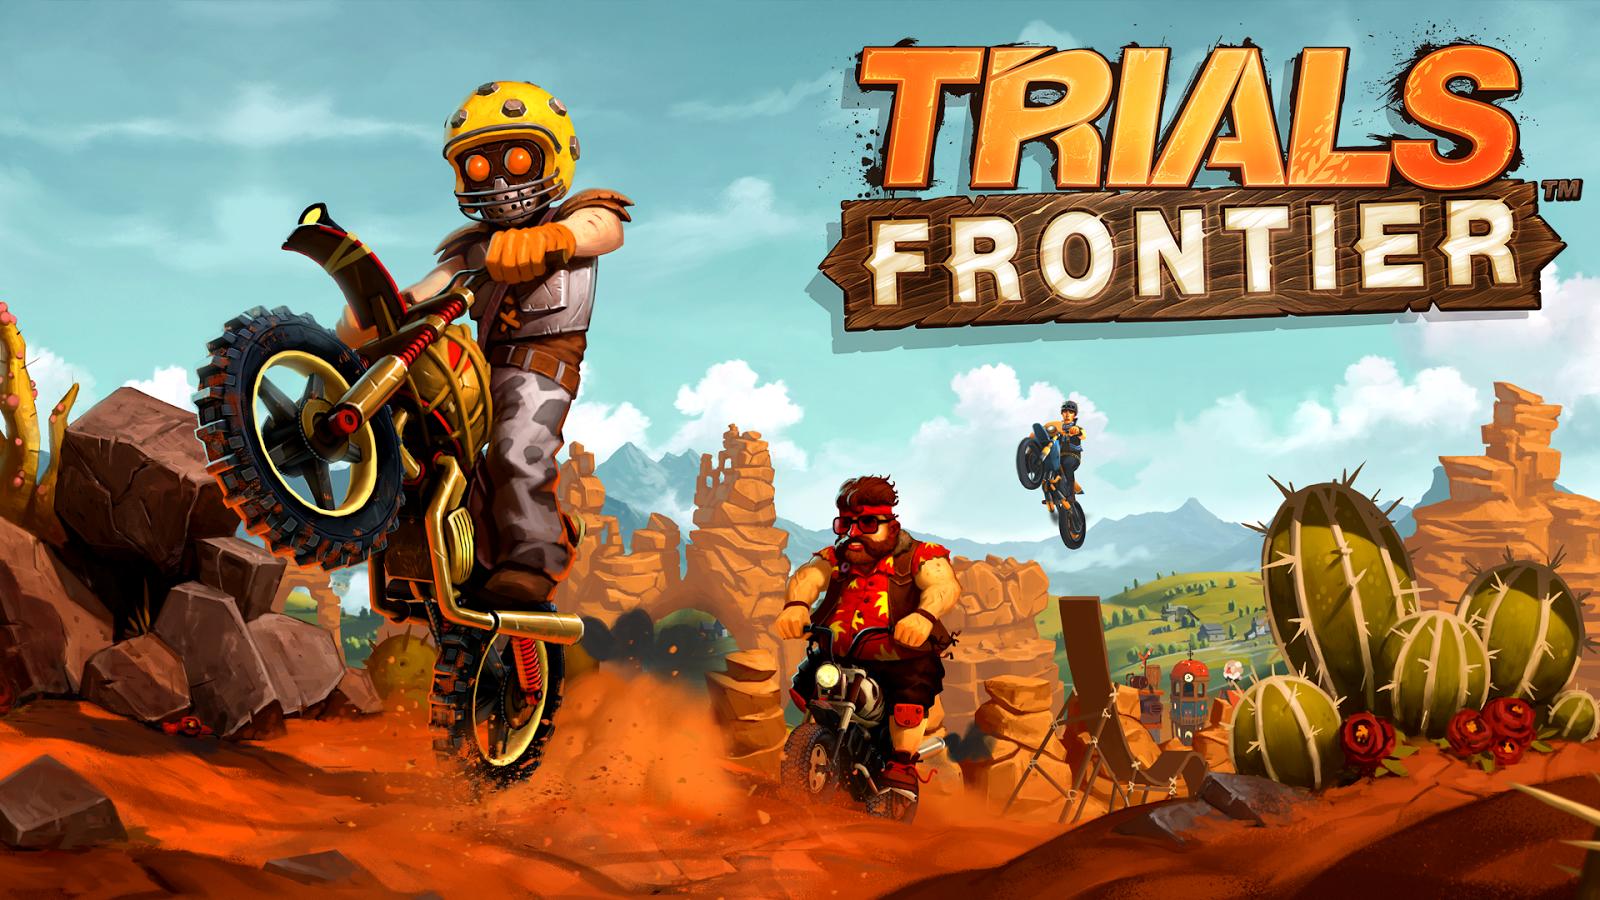 Permainan Trials Frontier 4.8.0 Apk terbaru 2017